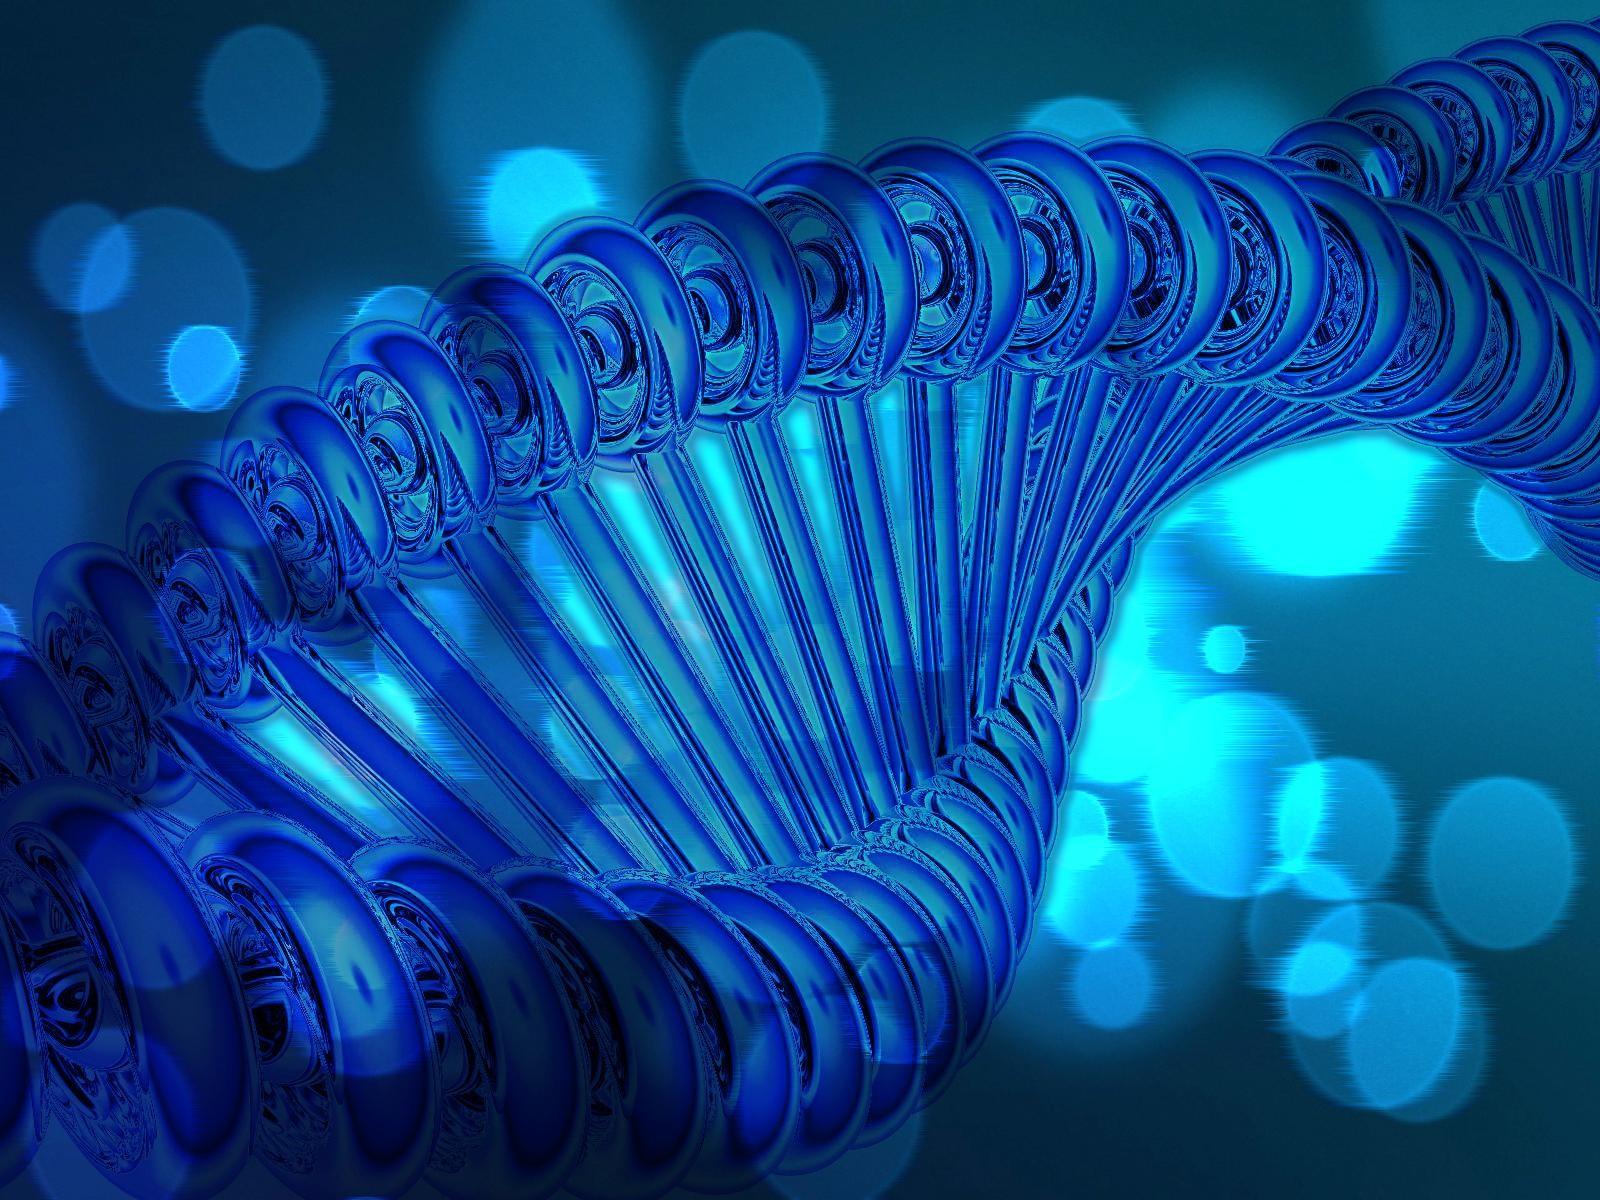 Blue DNA Wallpaper 1600x1200 Blue DNA 1600x1200